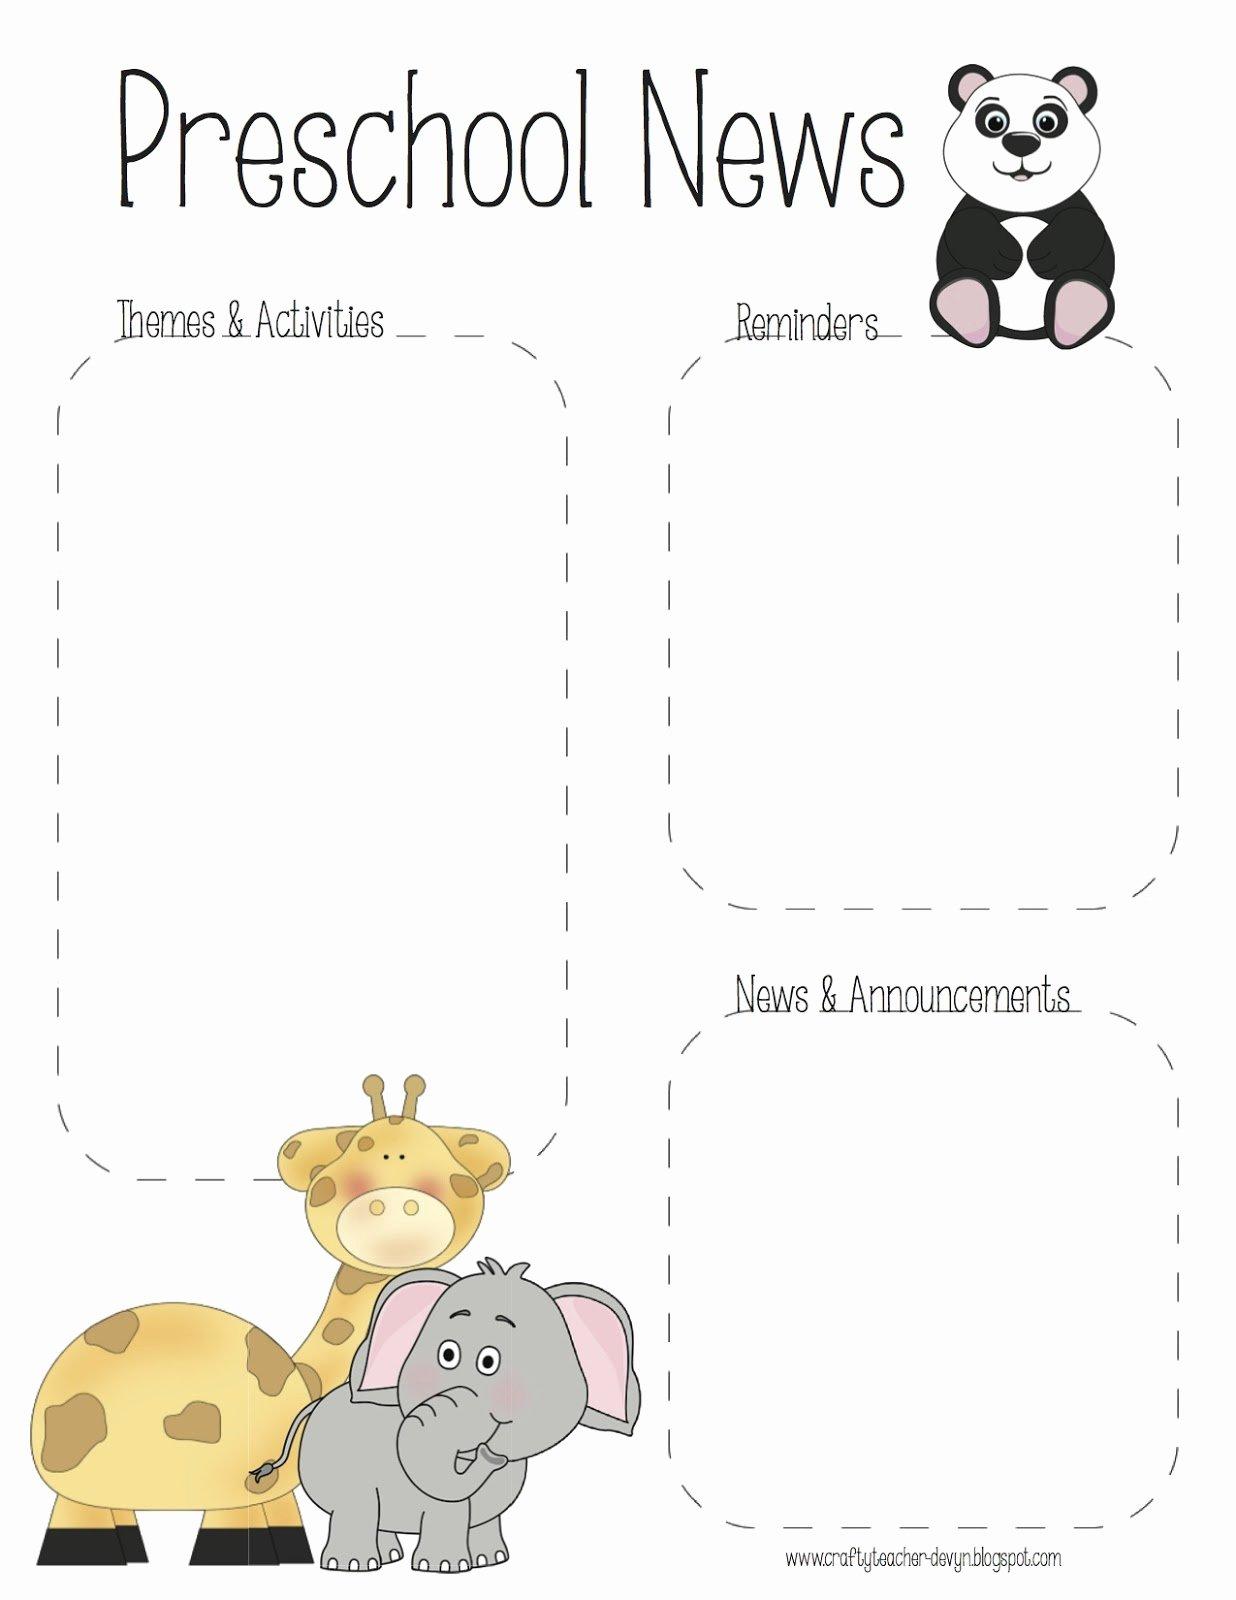 April Newsletter Template Best Of the Crafty Teacher Preschool Zoo Newsletter Template